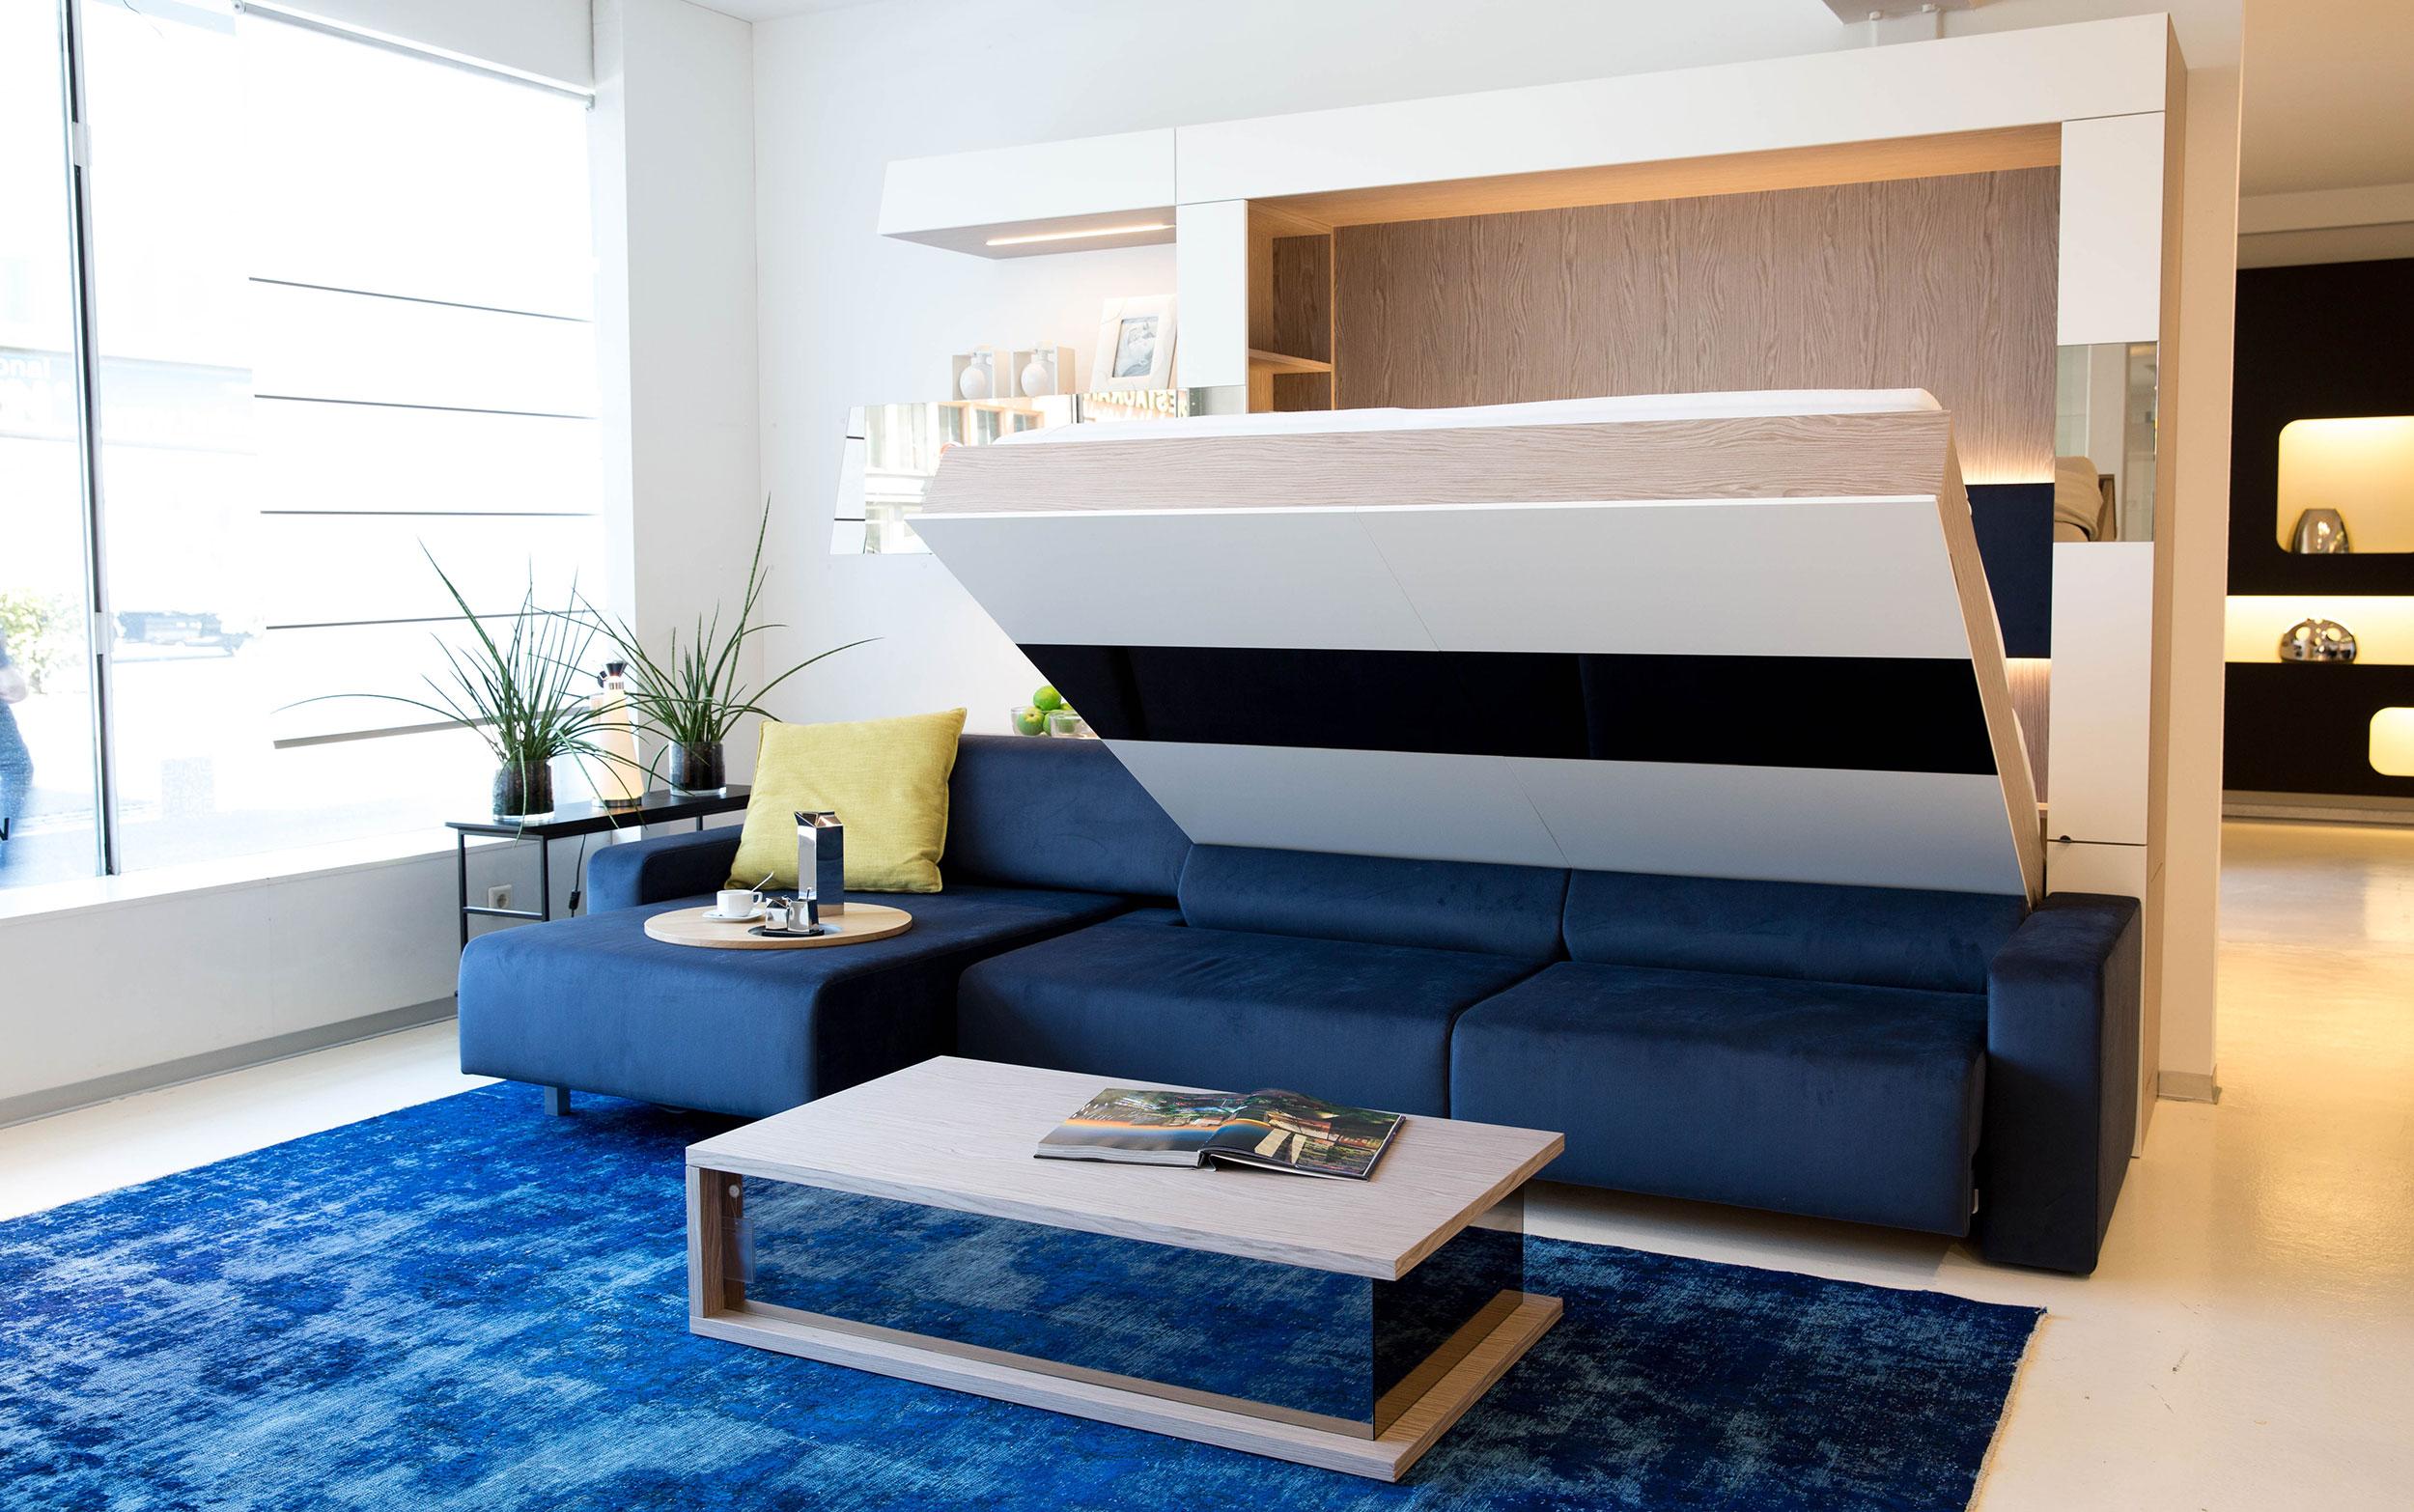 Ladenstein Klappbett mit Sofa halb geöffnet